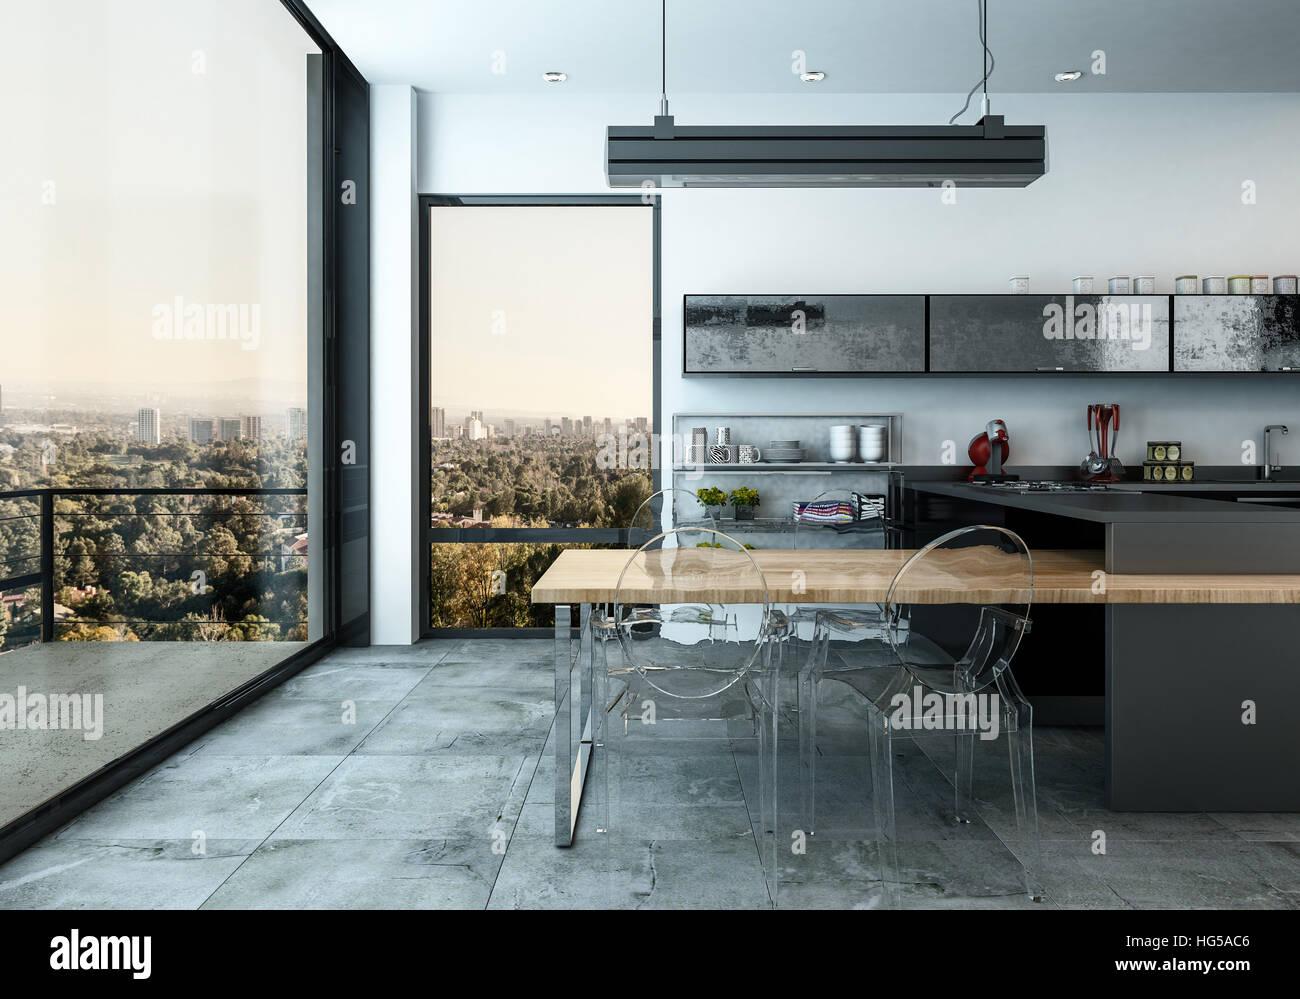 grande cuisine quip e moderne avec porte en verre menant un patio ext rieur donnant sur la. Black Bedroom Furniture Sets. Home Design Ideas